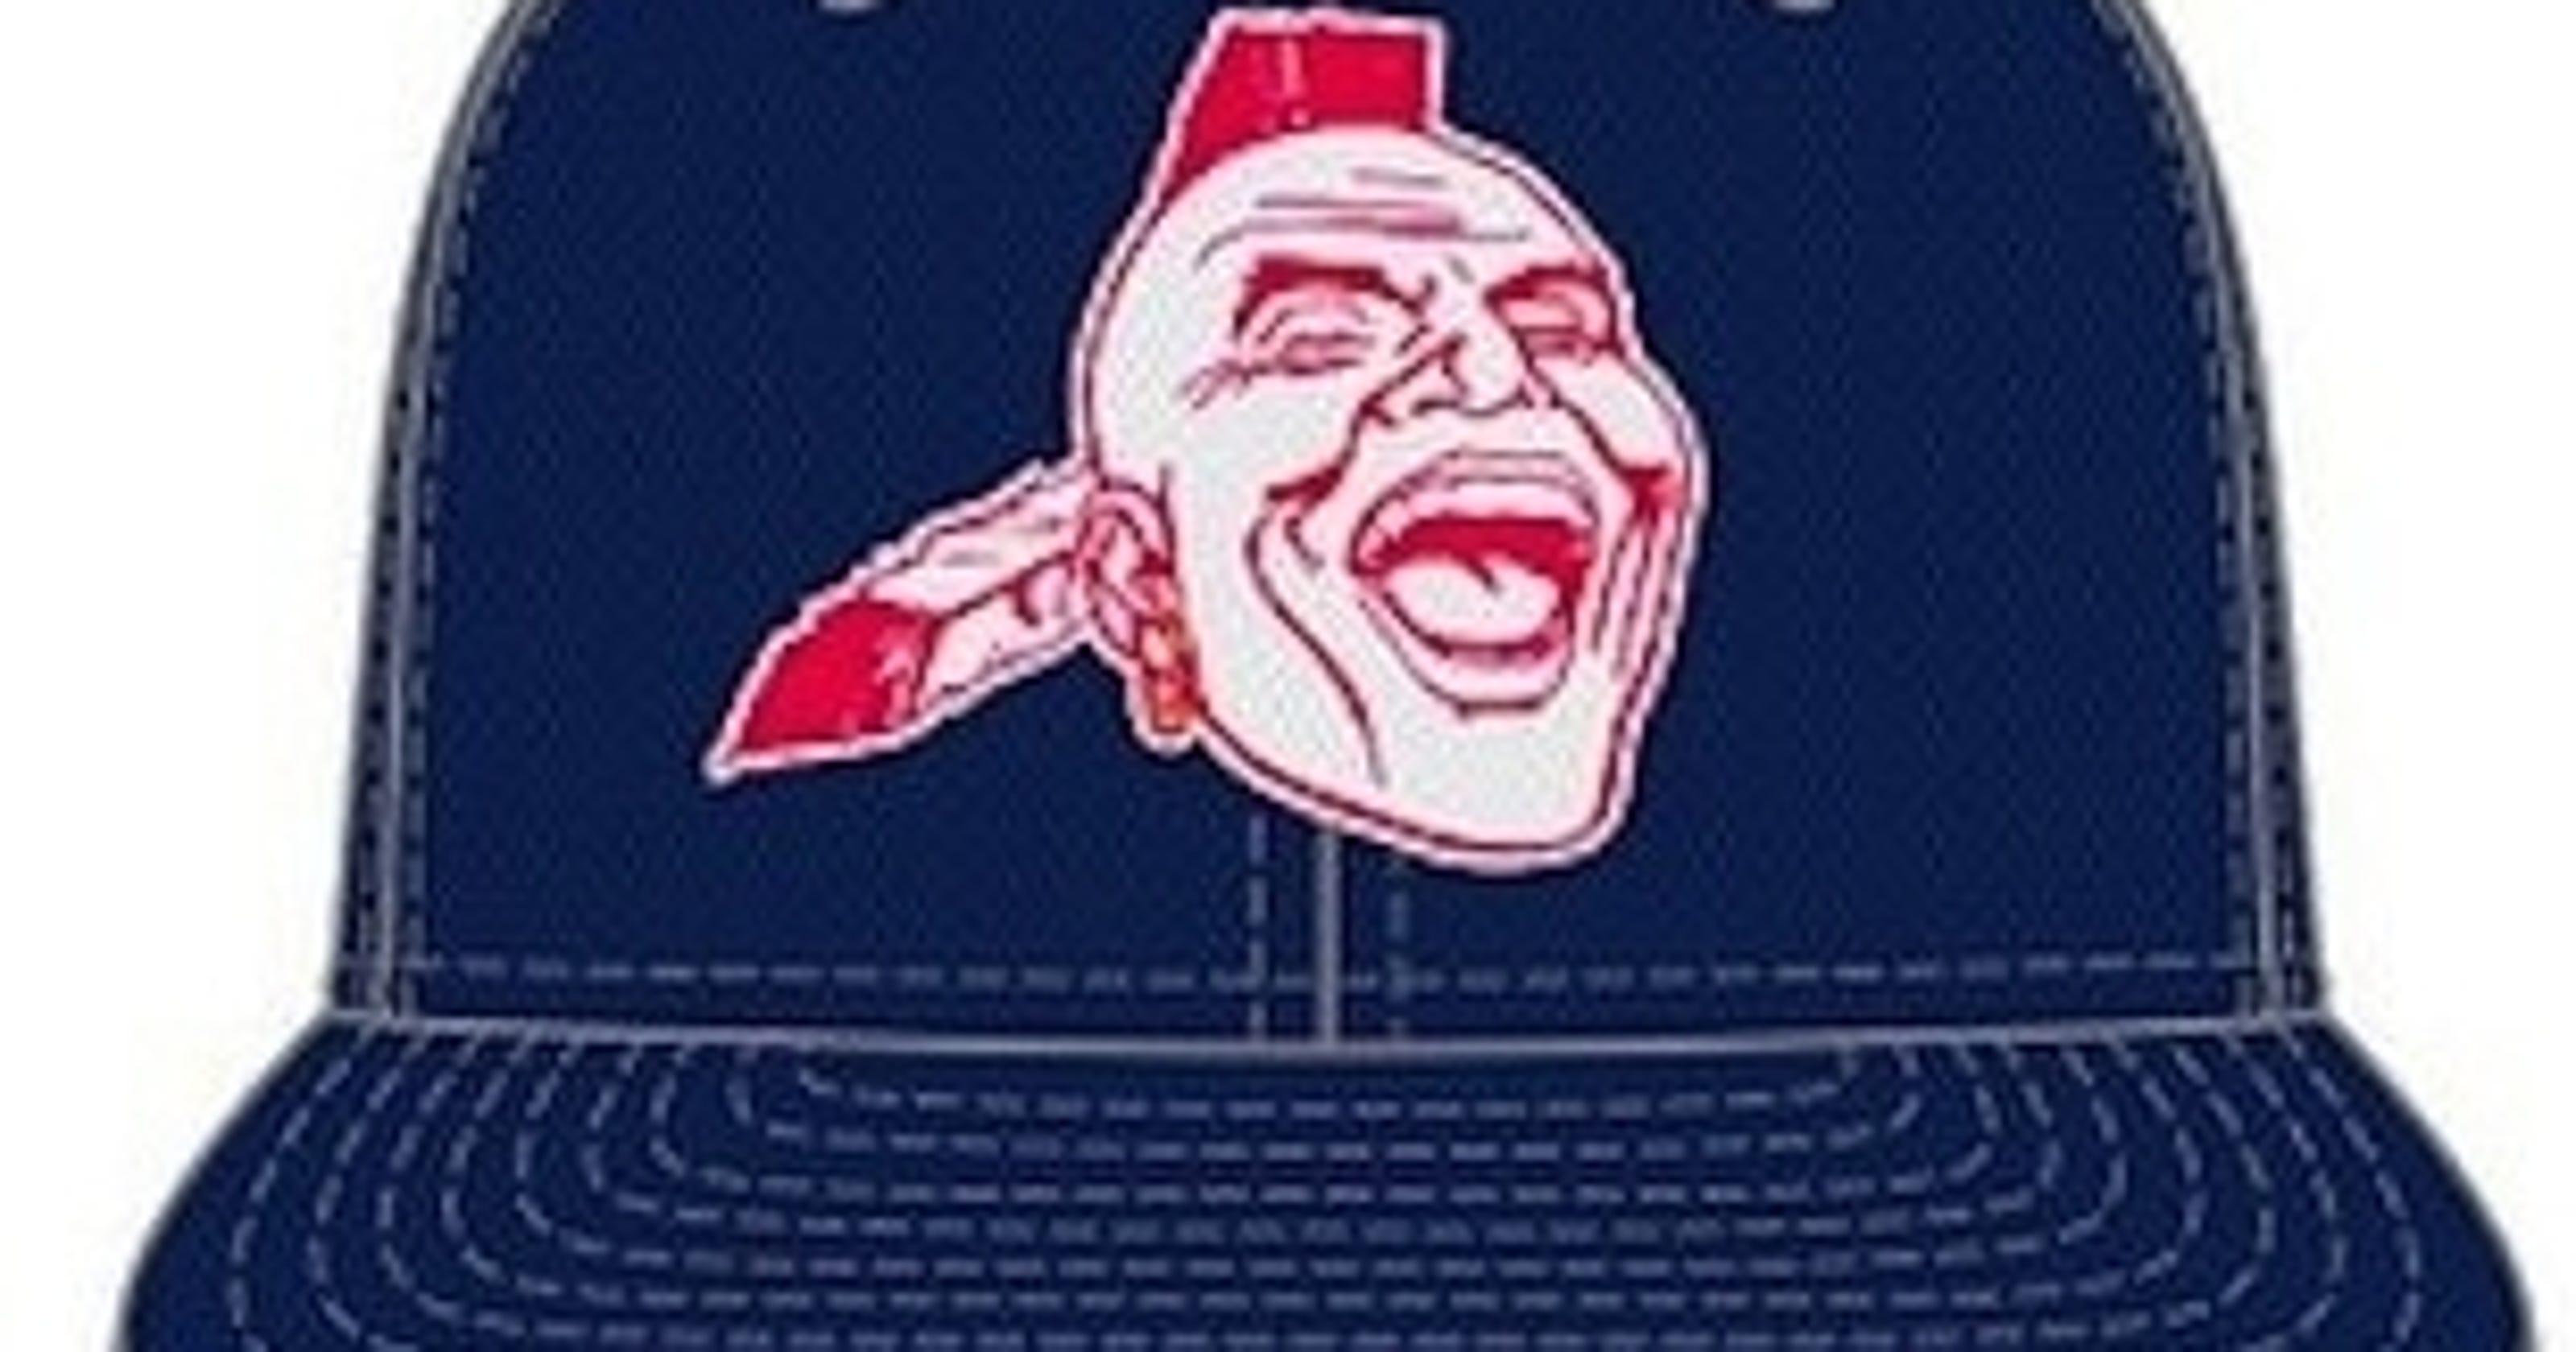 Report  Braves consider changing batting practice cap dad42c7eef4